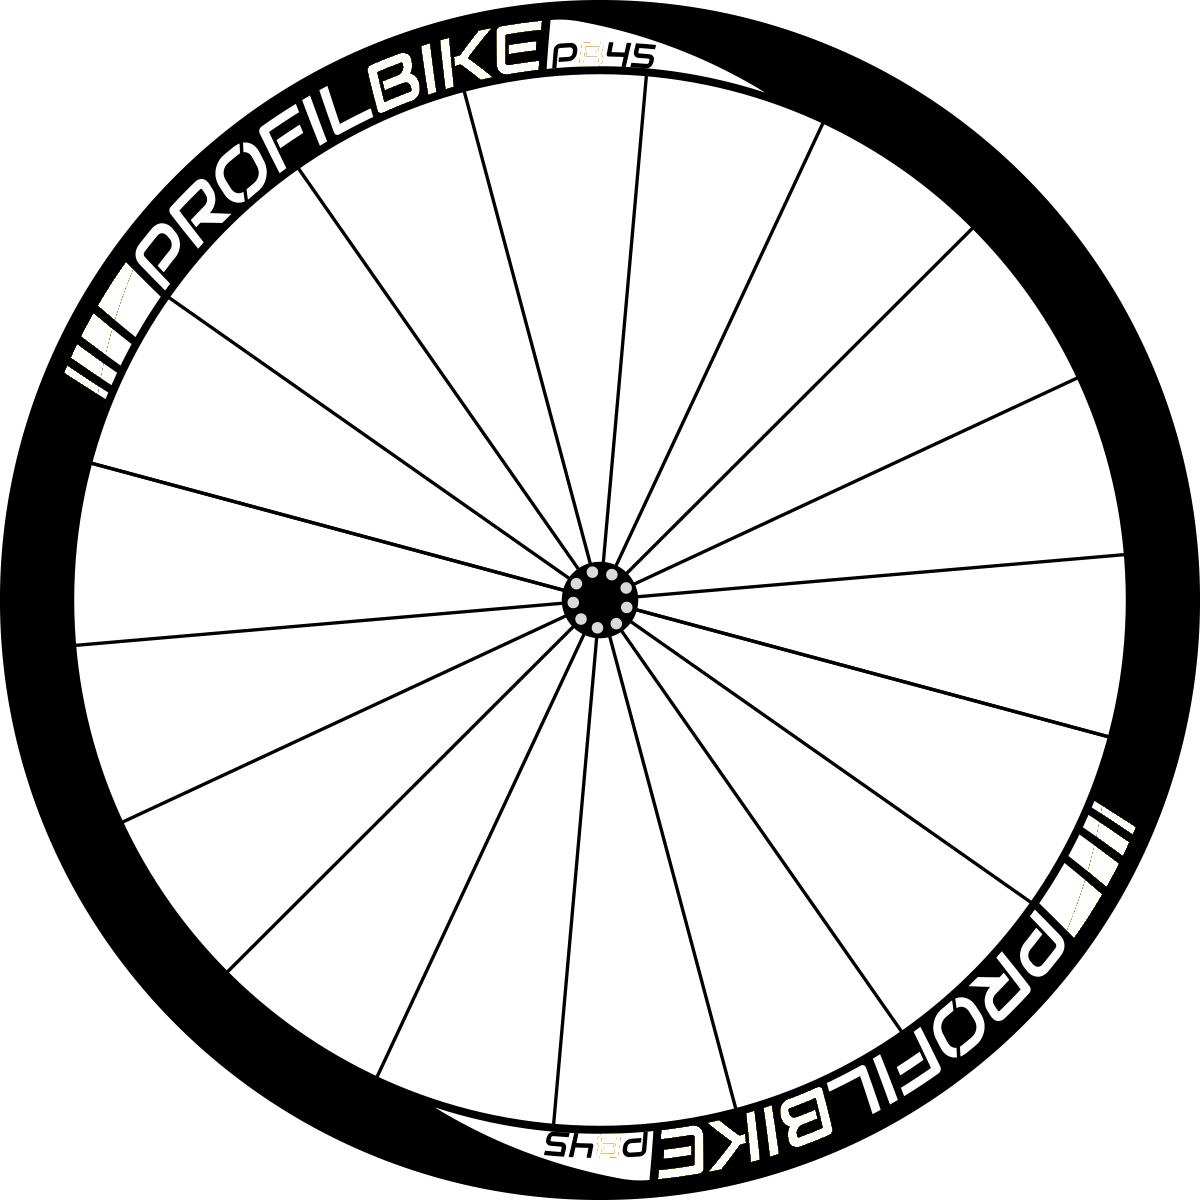 Profilbike PB45 CARBON DISC design personnalisé